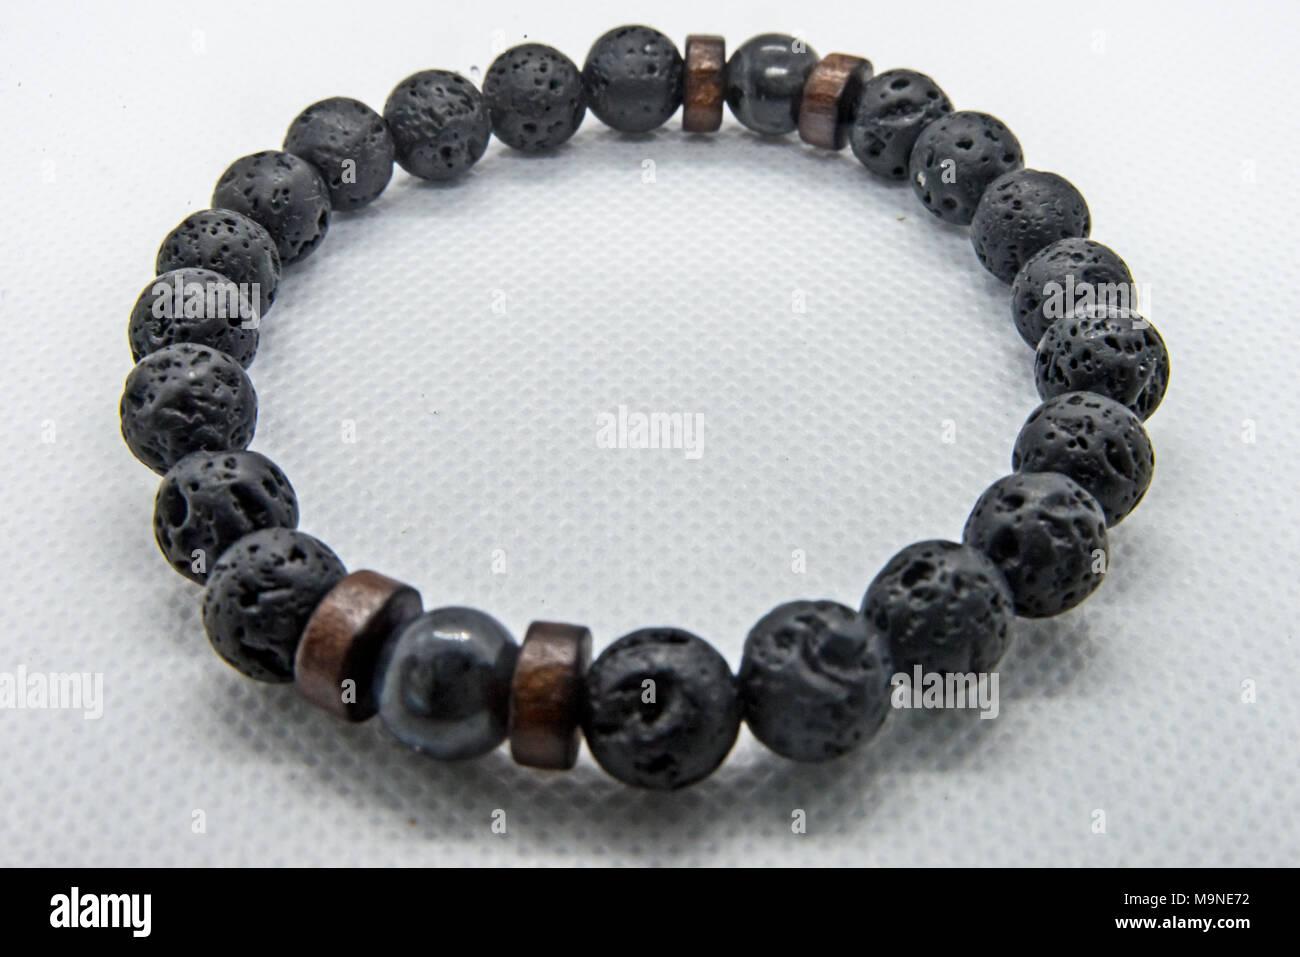 Bangle made of black stone - Stock Image